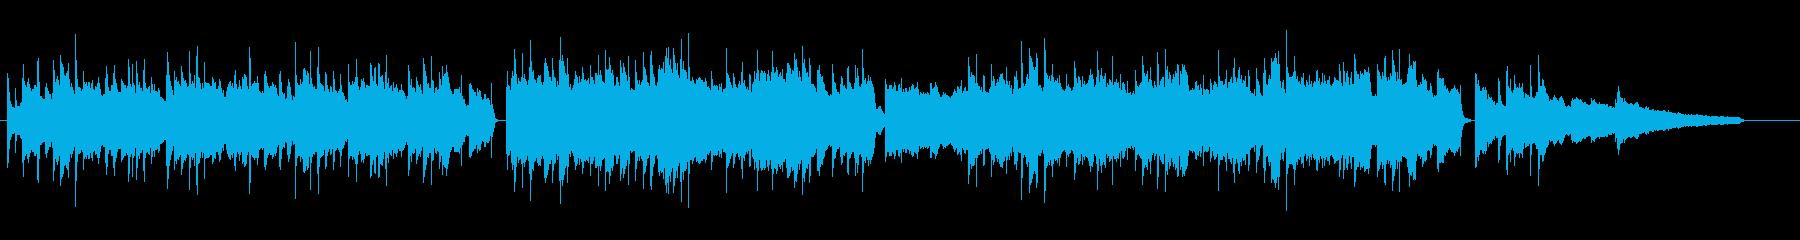 RPGの村っぽいBGMの再生済みの波形